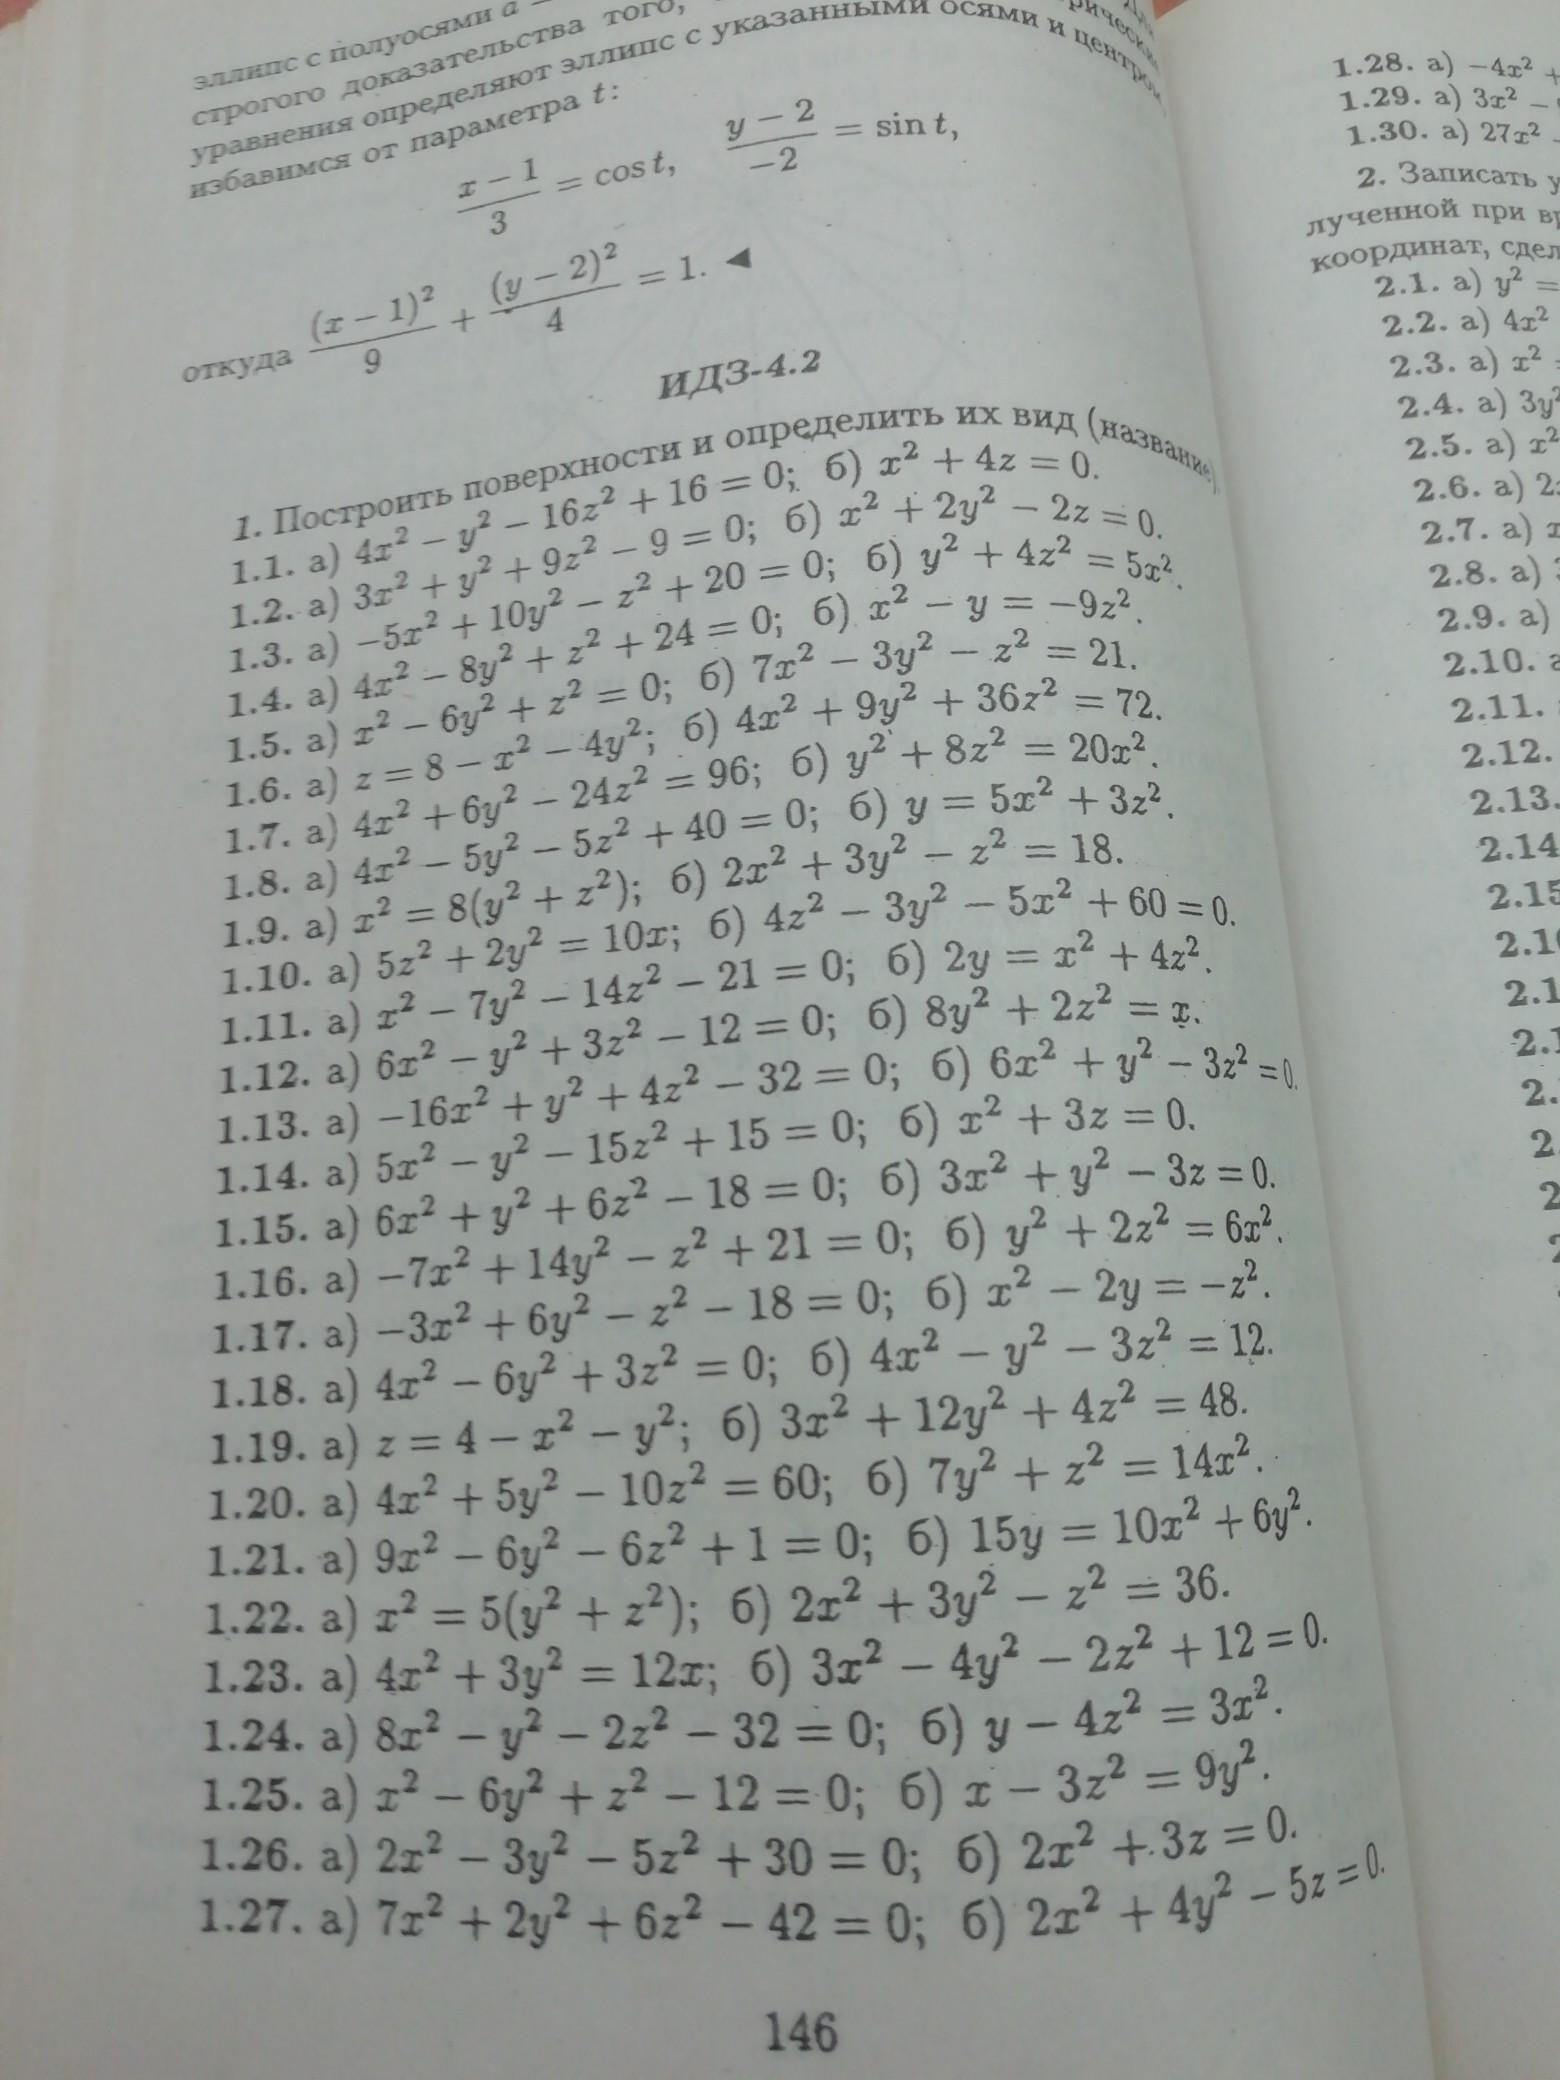 Помогите пожалуйста с математикой 1.7. задача срочно!